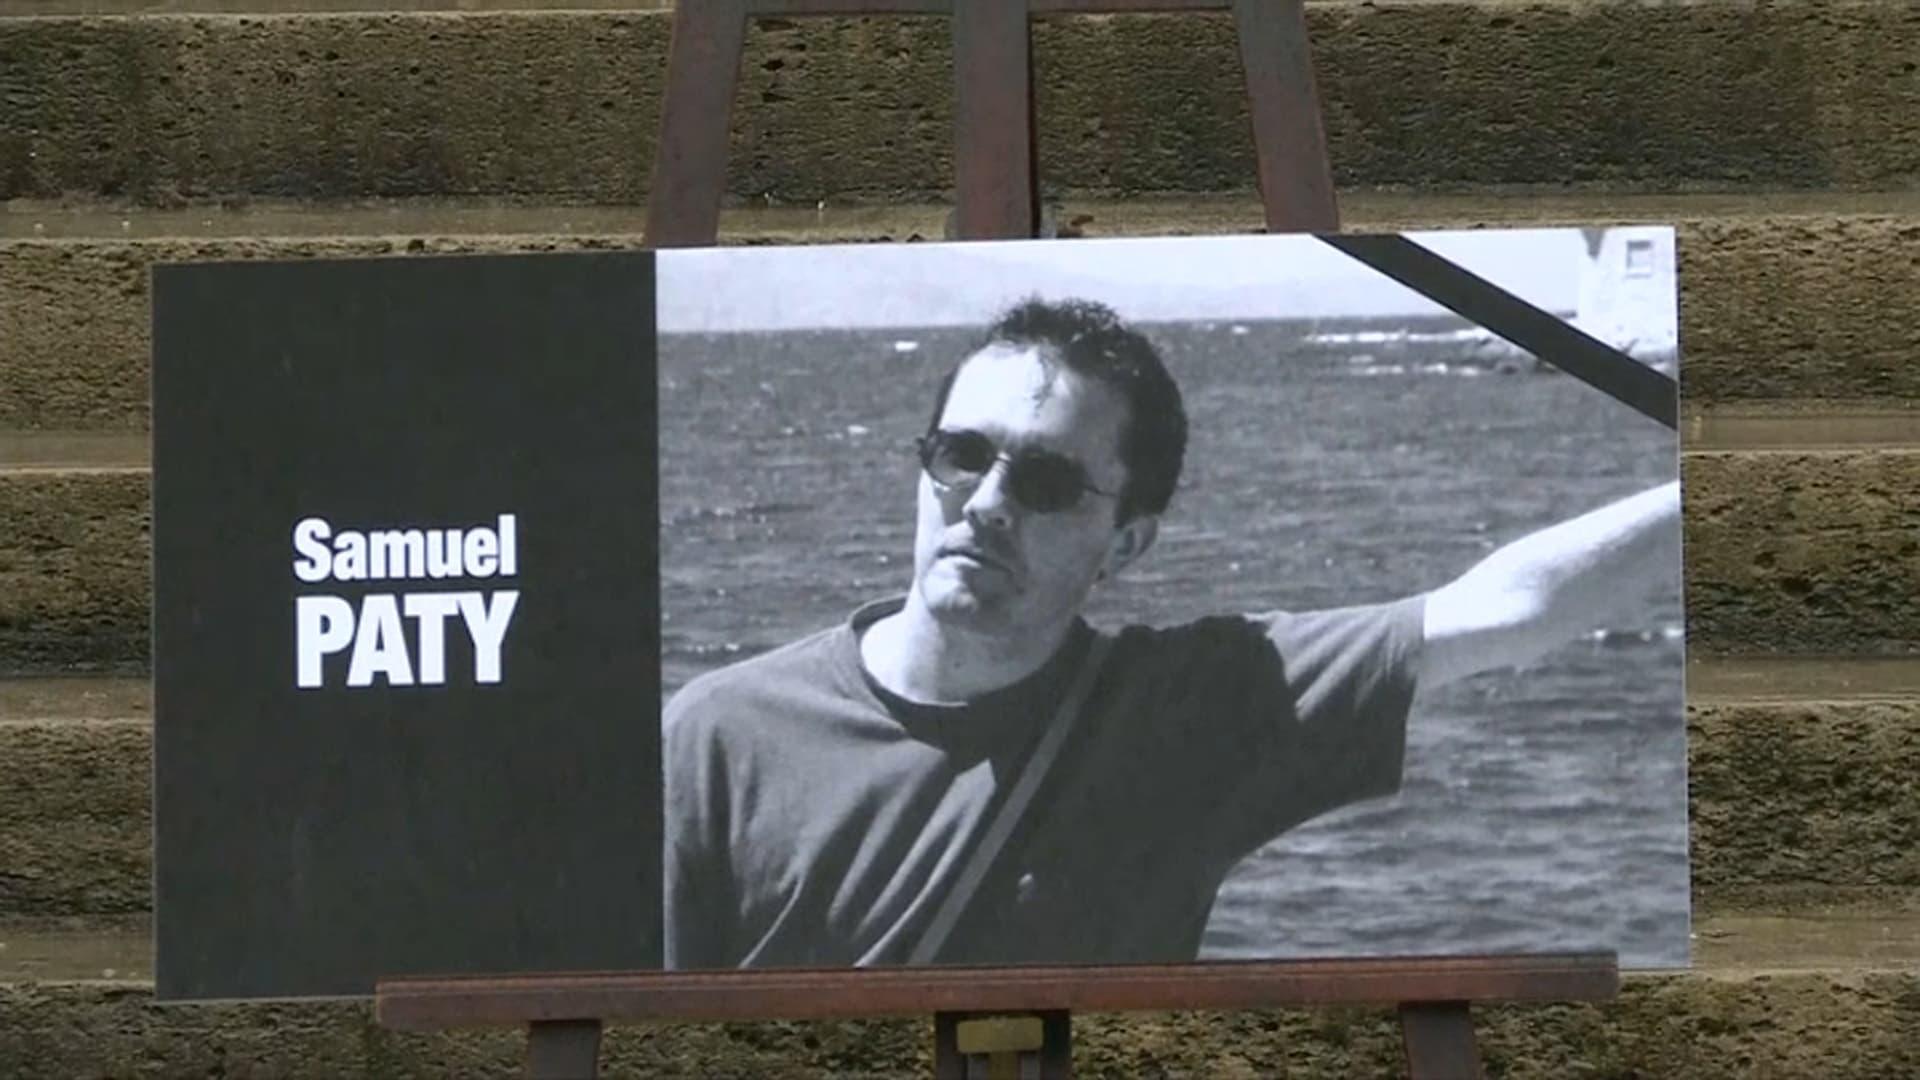 L'hommage national à Samuel Paty mercredi aura lieu dans ...  |Samuel Paty